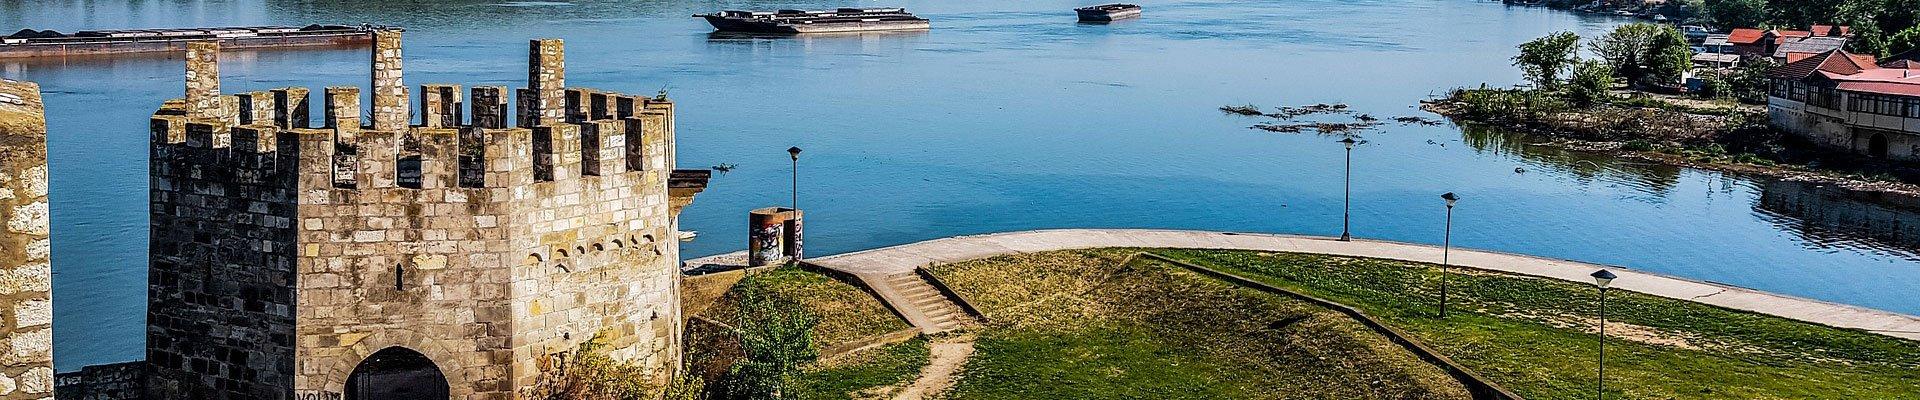 Smederevo tvrđava